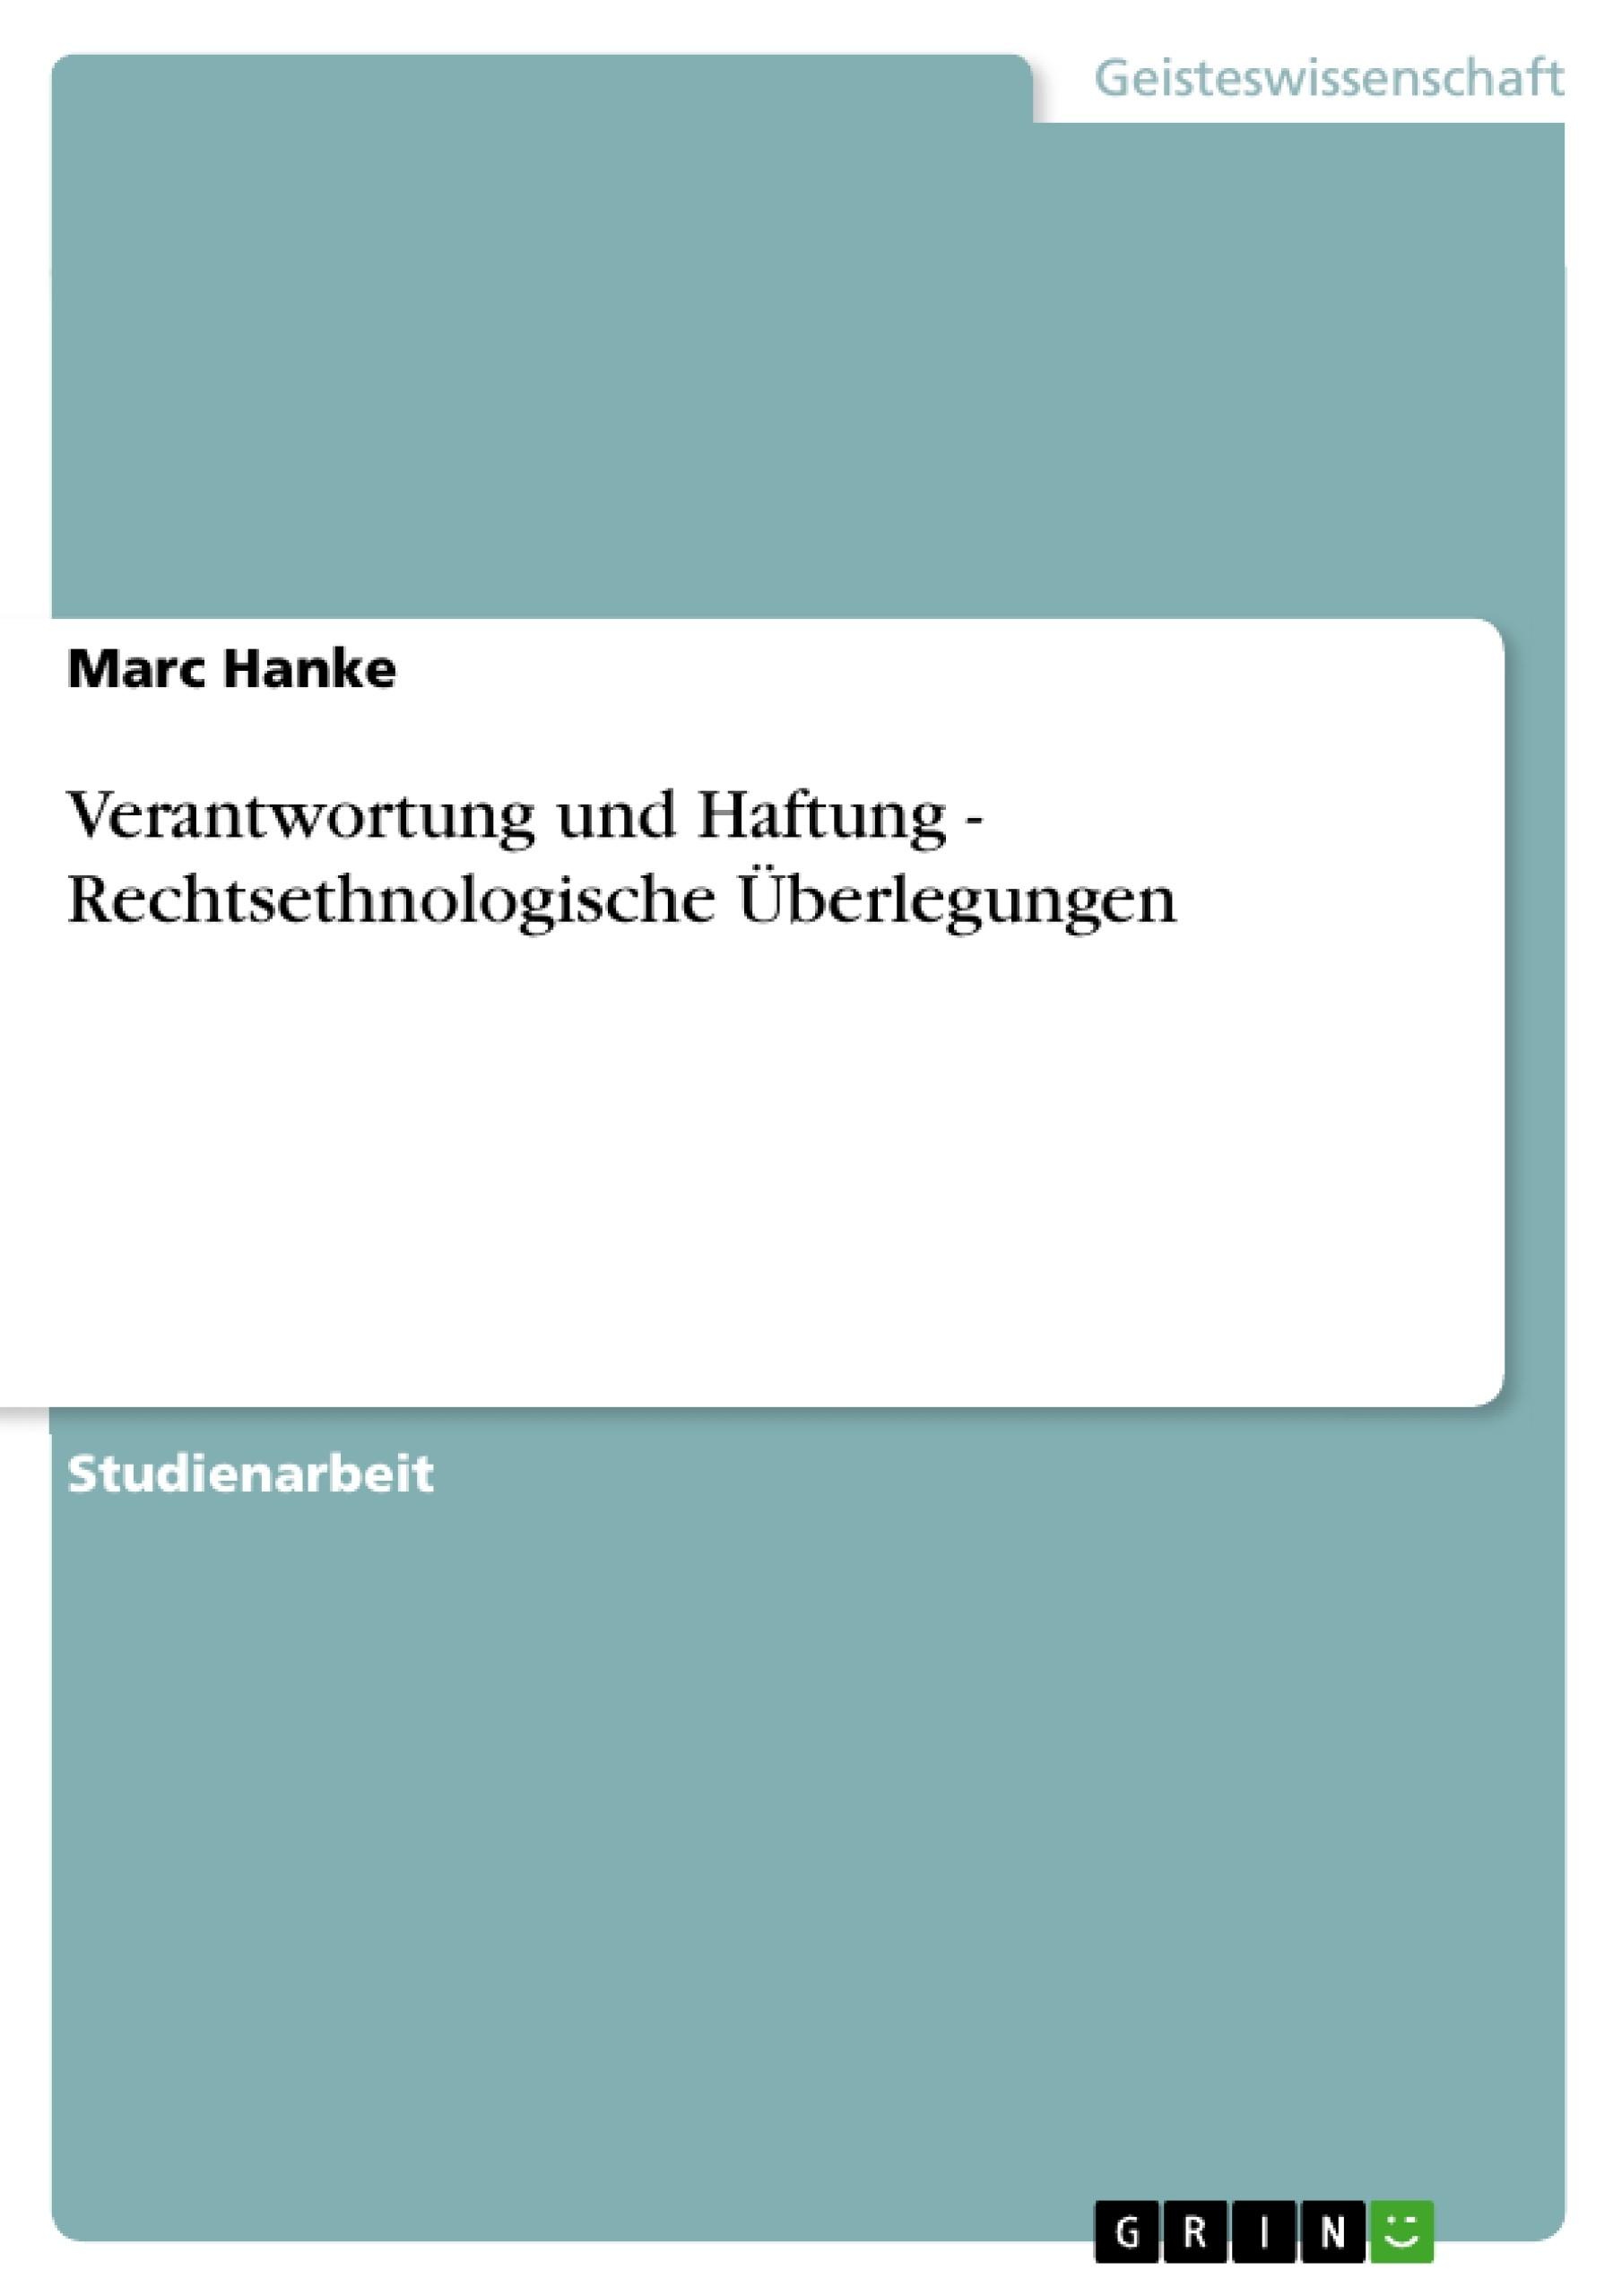 Titel: Verantwortung und Haftung - Rechtsethnologische Überlegungen